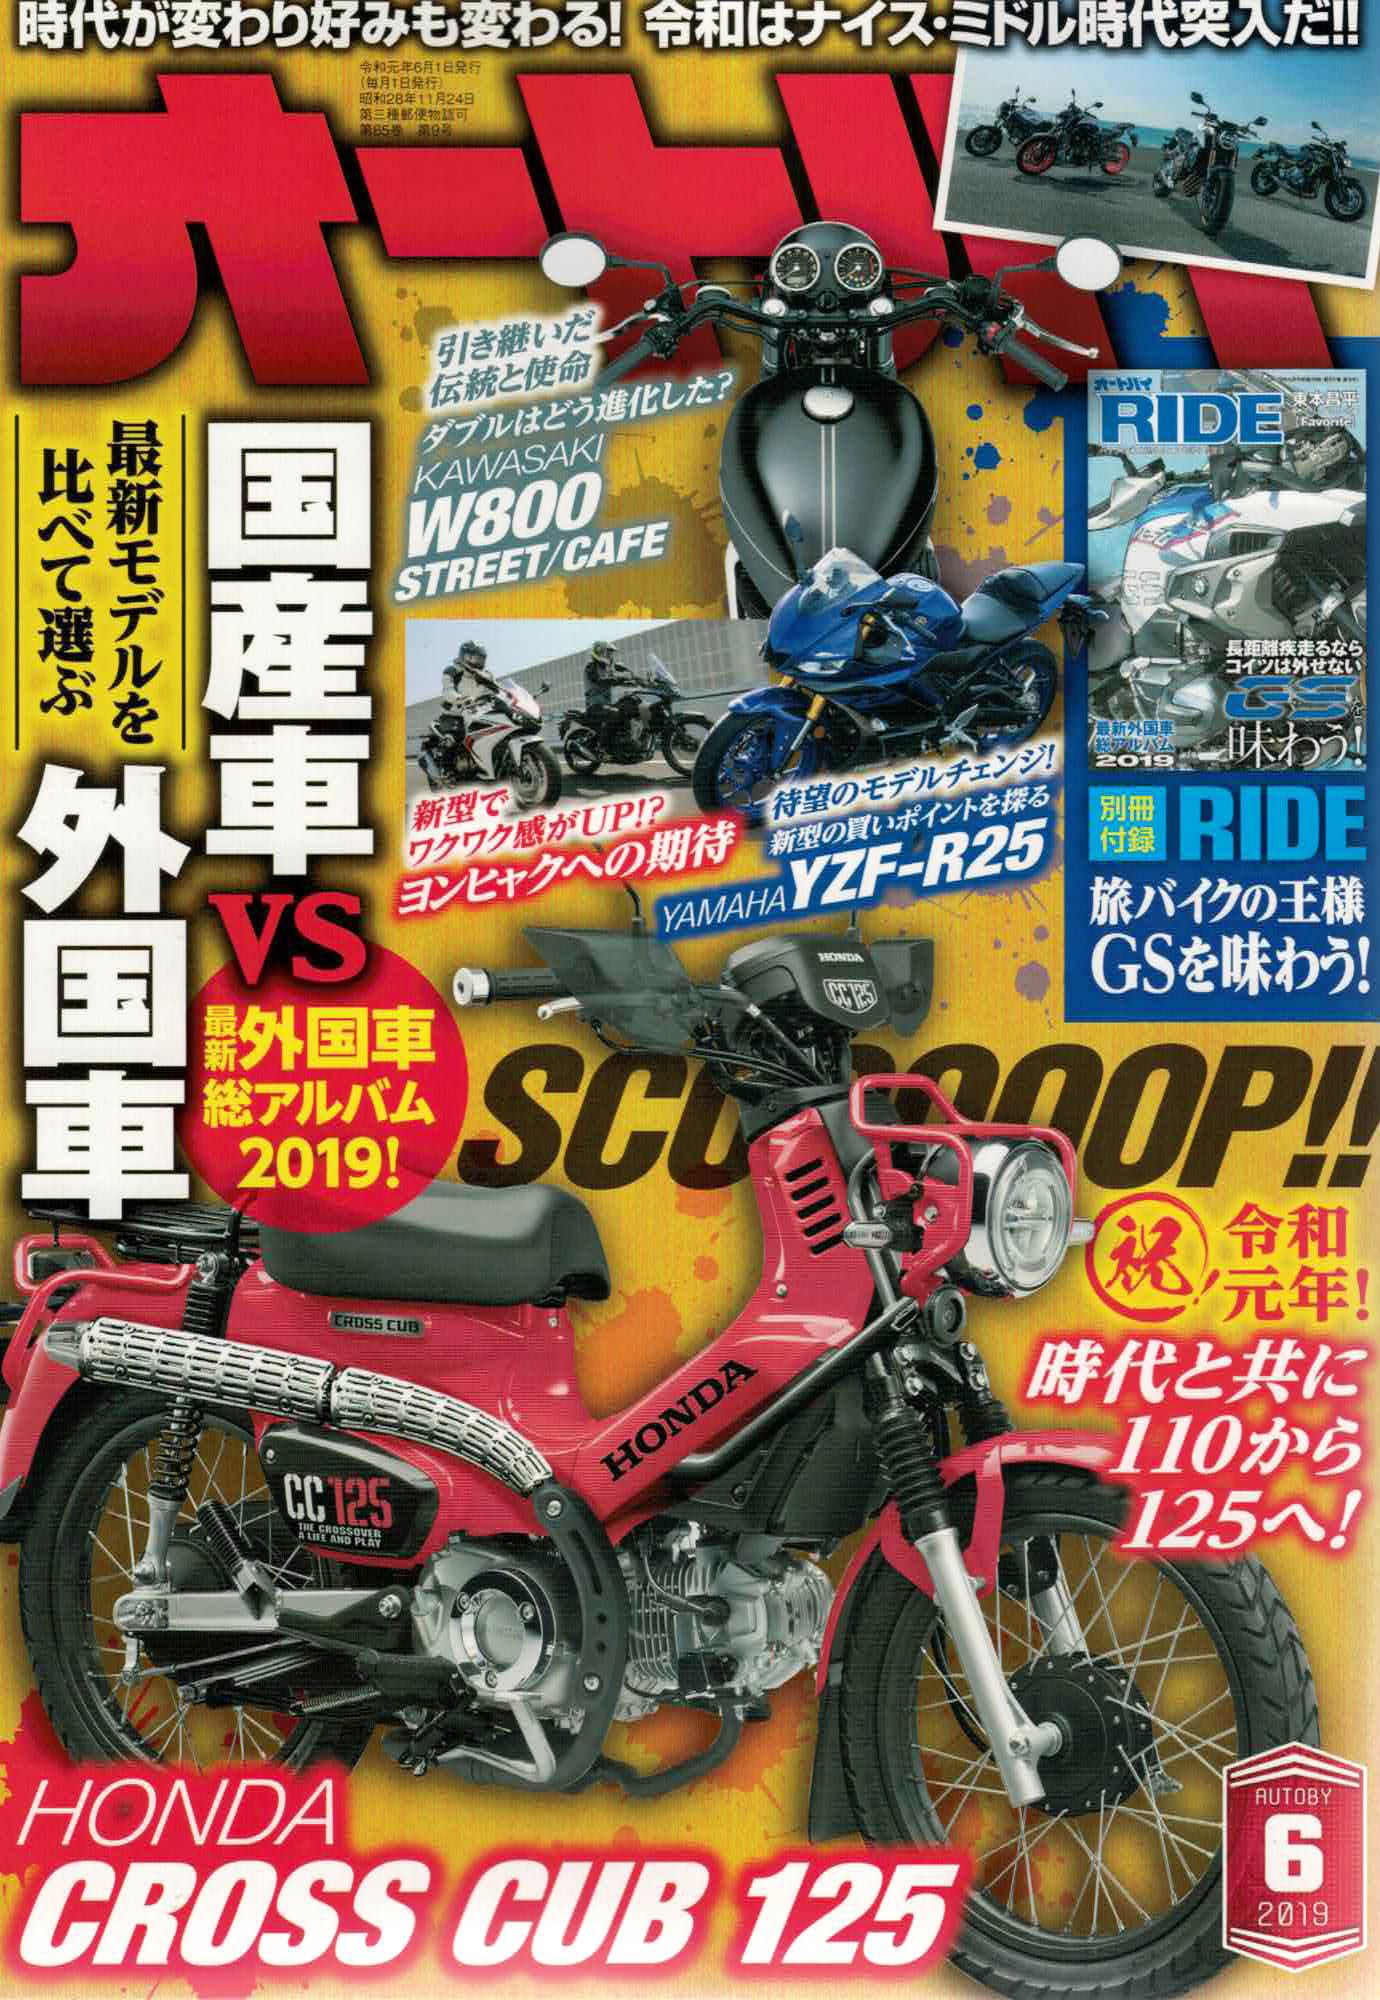 【オートバイ6月号掲載】Lambretta、FANTIC CABALLERO SCRAMBLER250